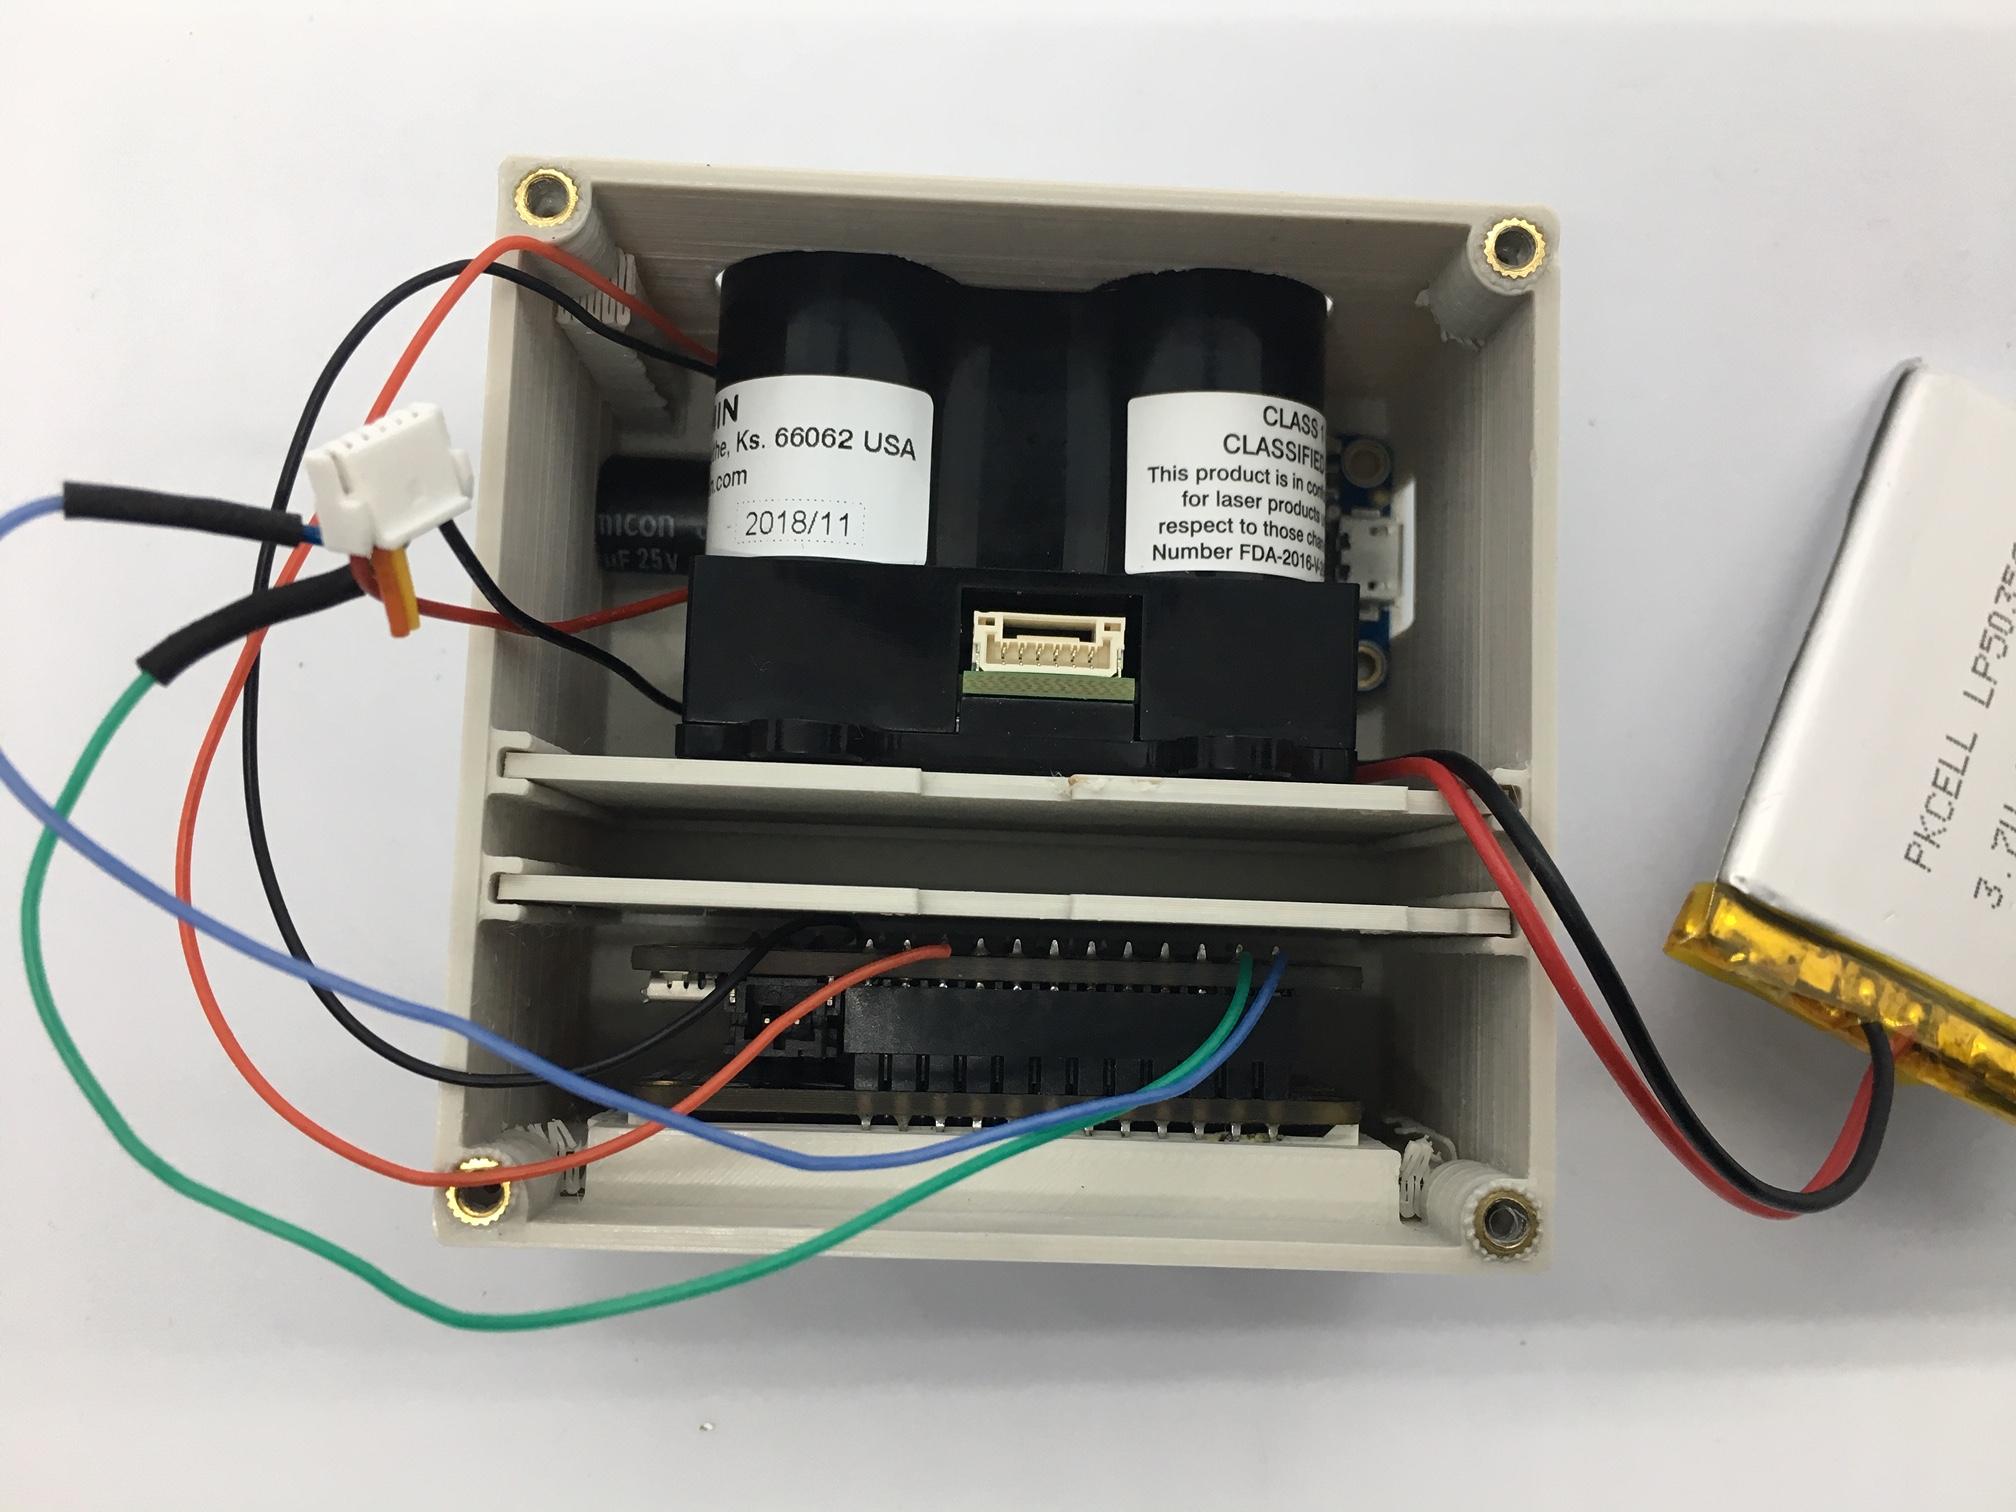 sensors_IMG_3198.jpg